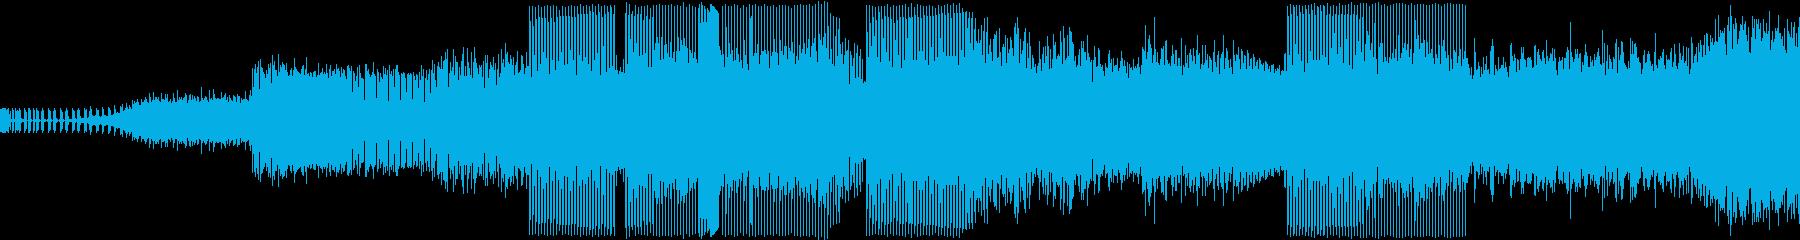 本格ハウスミュージックの再生済みの波形